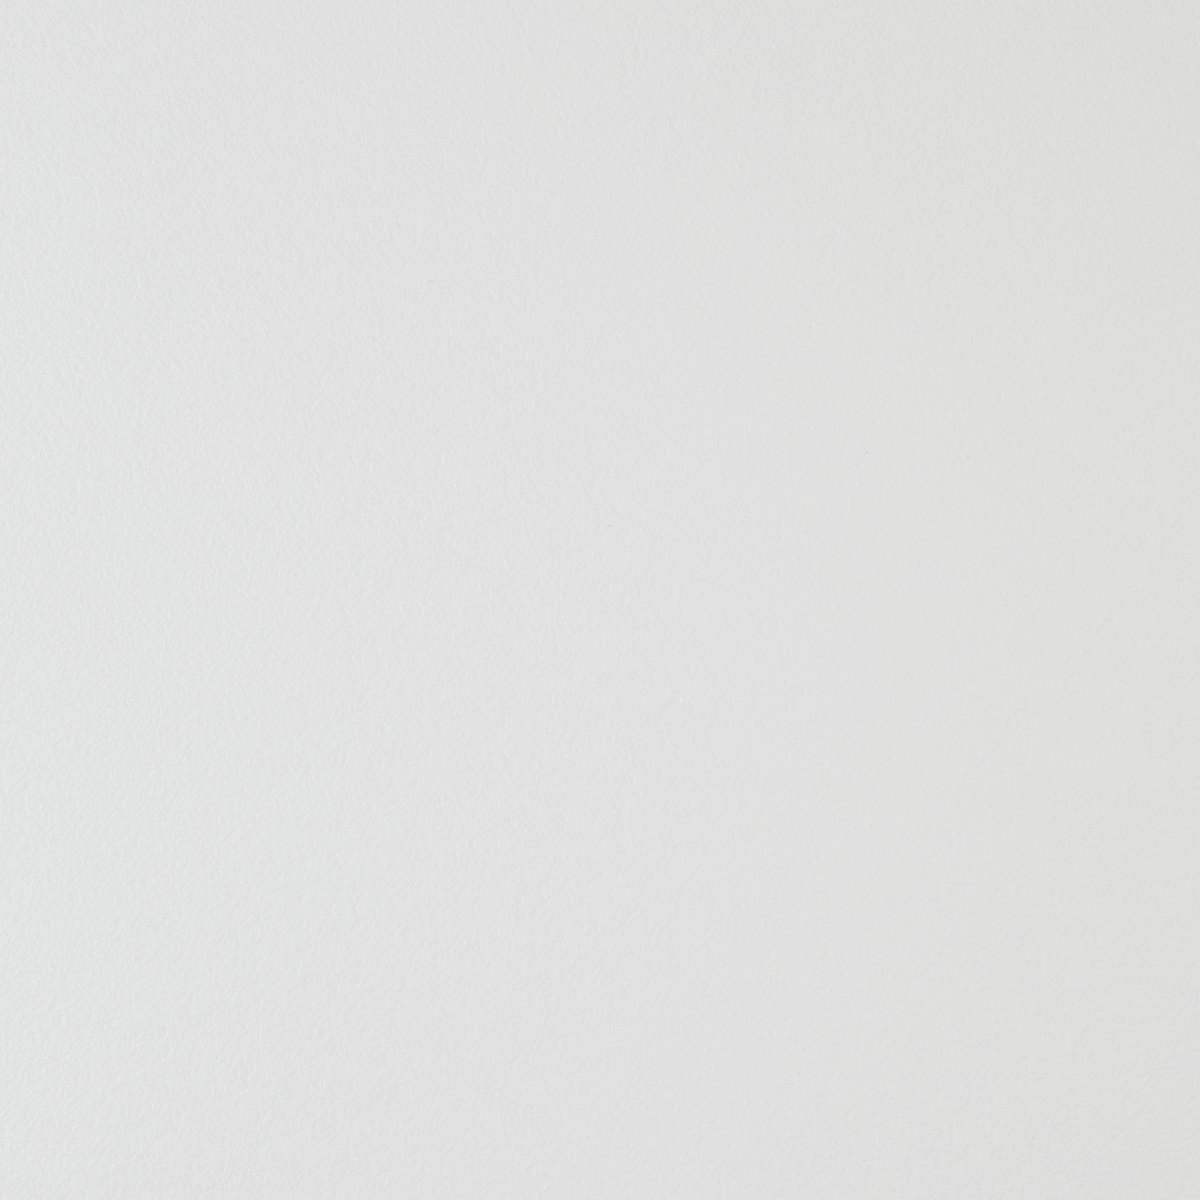 Стеновая панель Вайт 300х0.6х65 см ДСП цвет белый